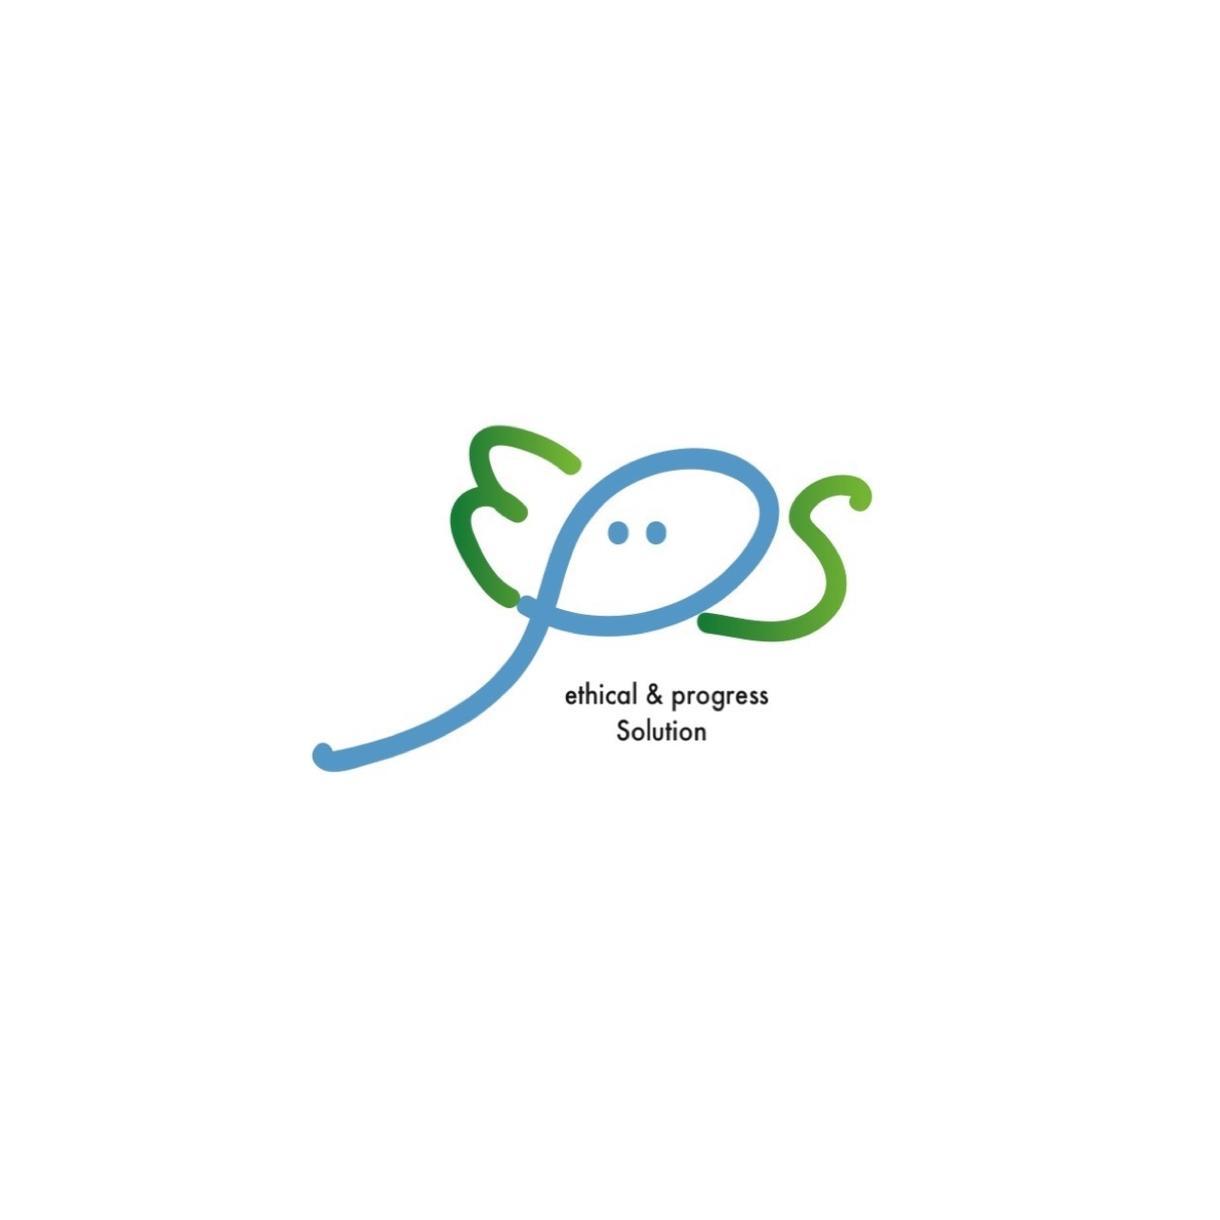 会社のロゴデザイン承ります 個性的な会社のロゴデザイン承ります イメージ1